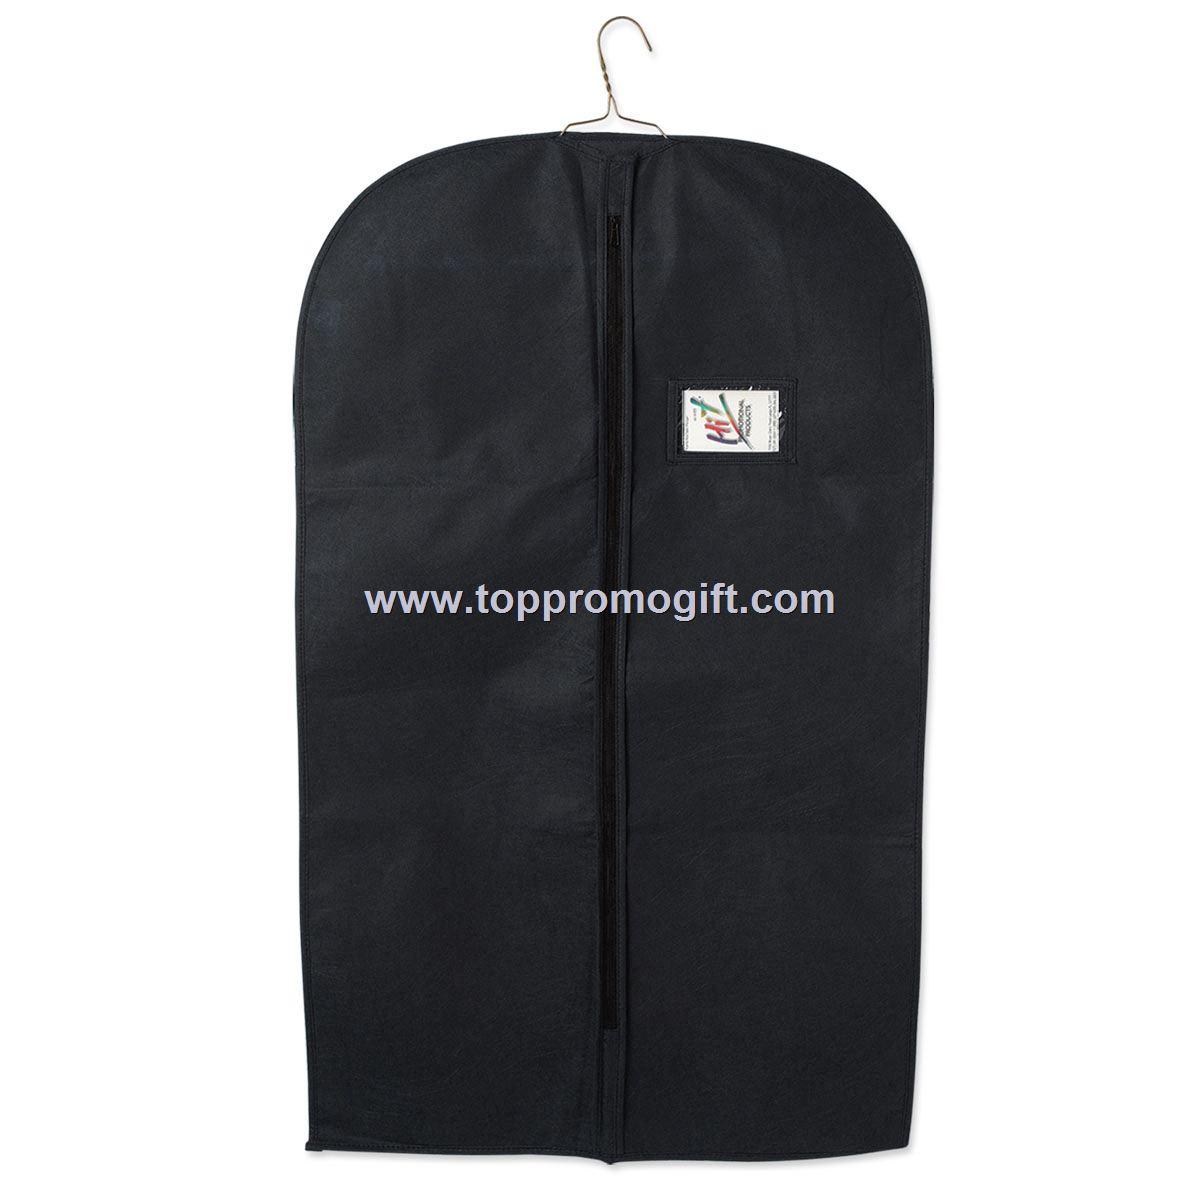 Non-Woven Garment Bag